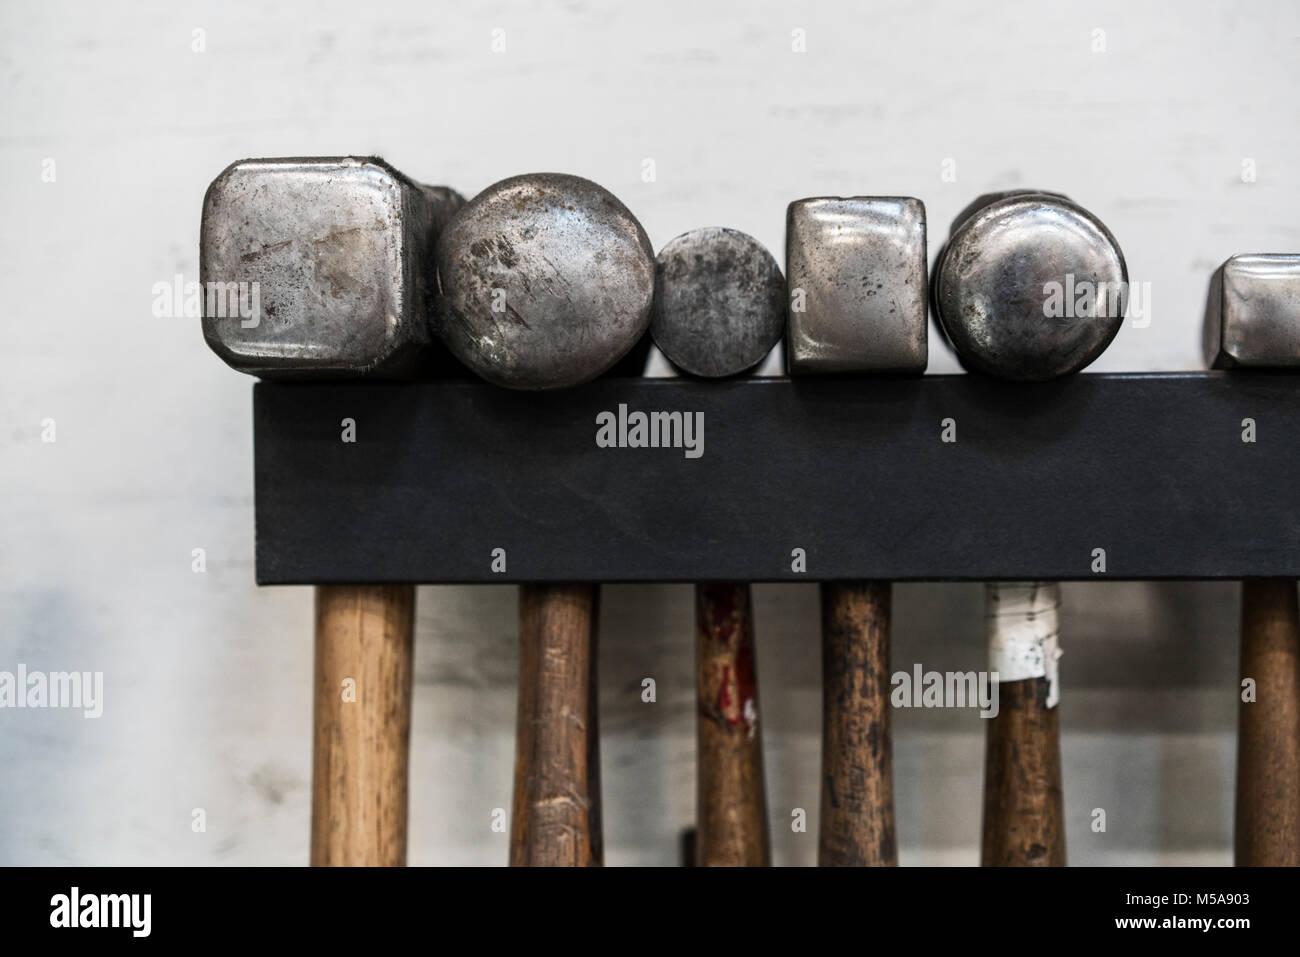 Nahaufnahme Von Einer Auswahl Von Hammer An Der Wand Aufhängen In